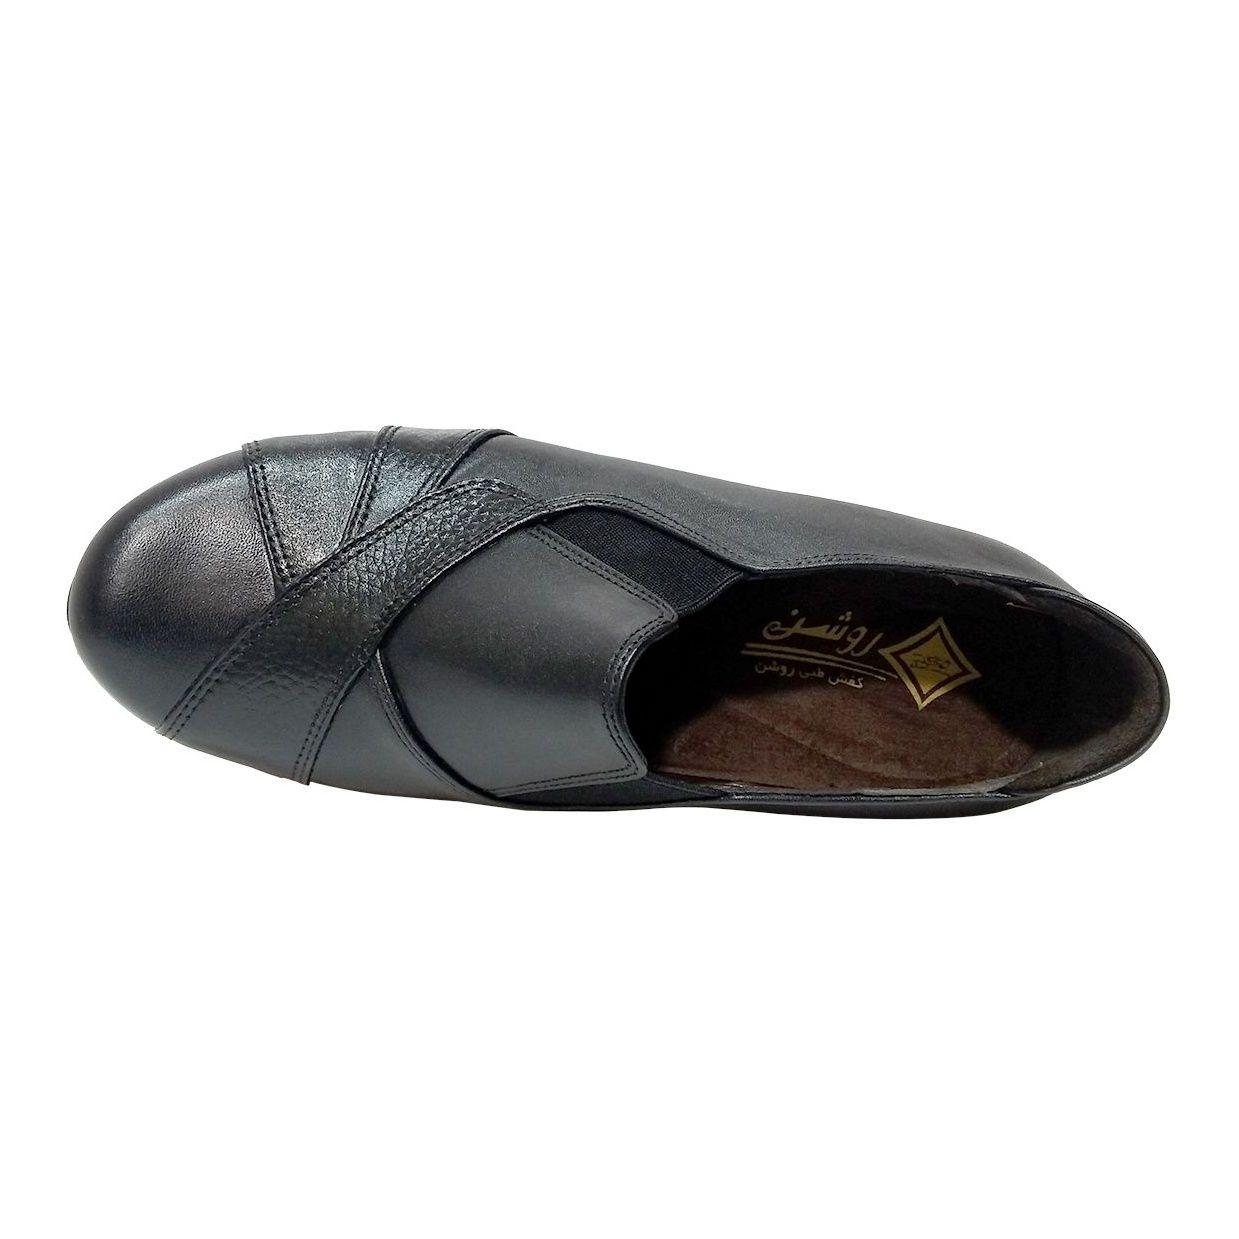 کفش زنانه روشن مدل 565 کد 01 -  - 6